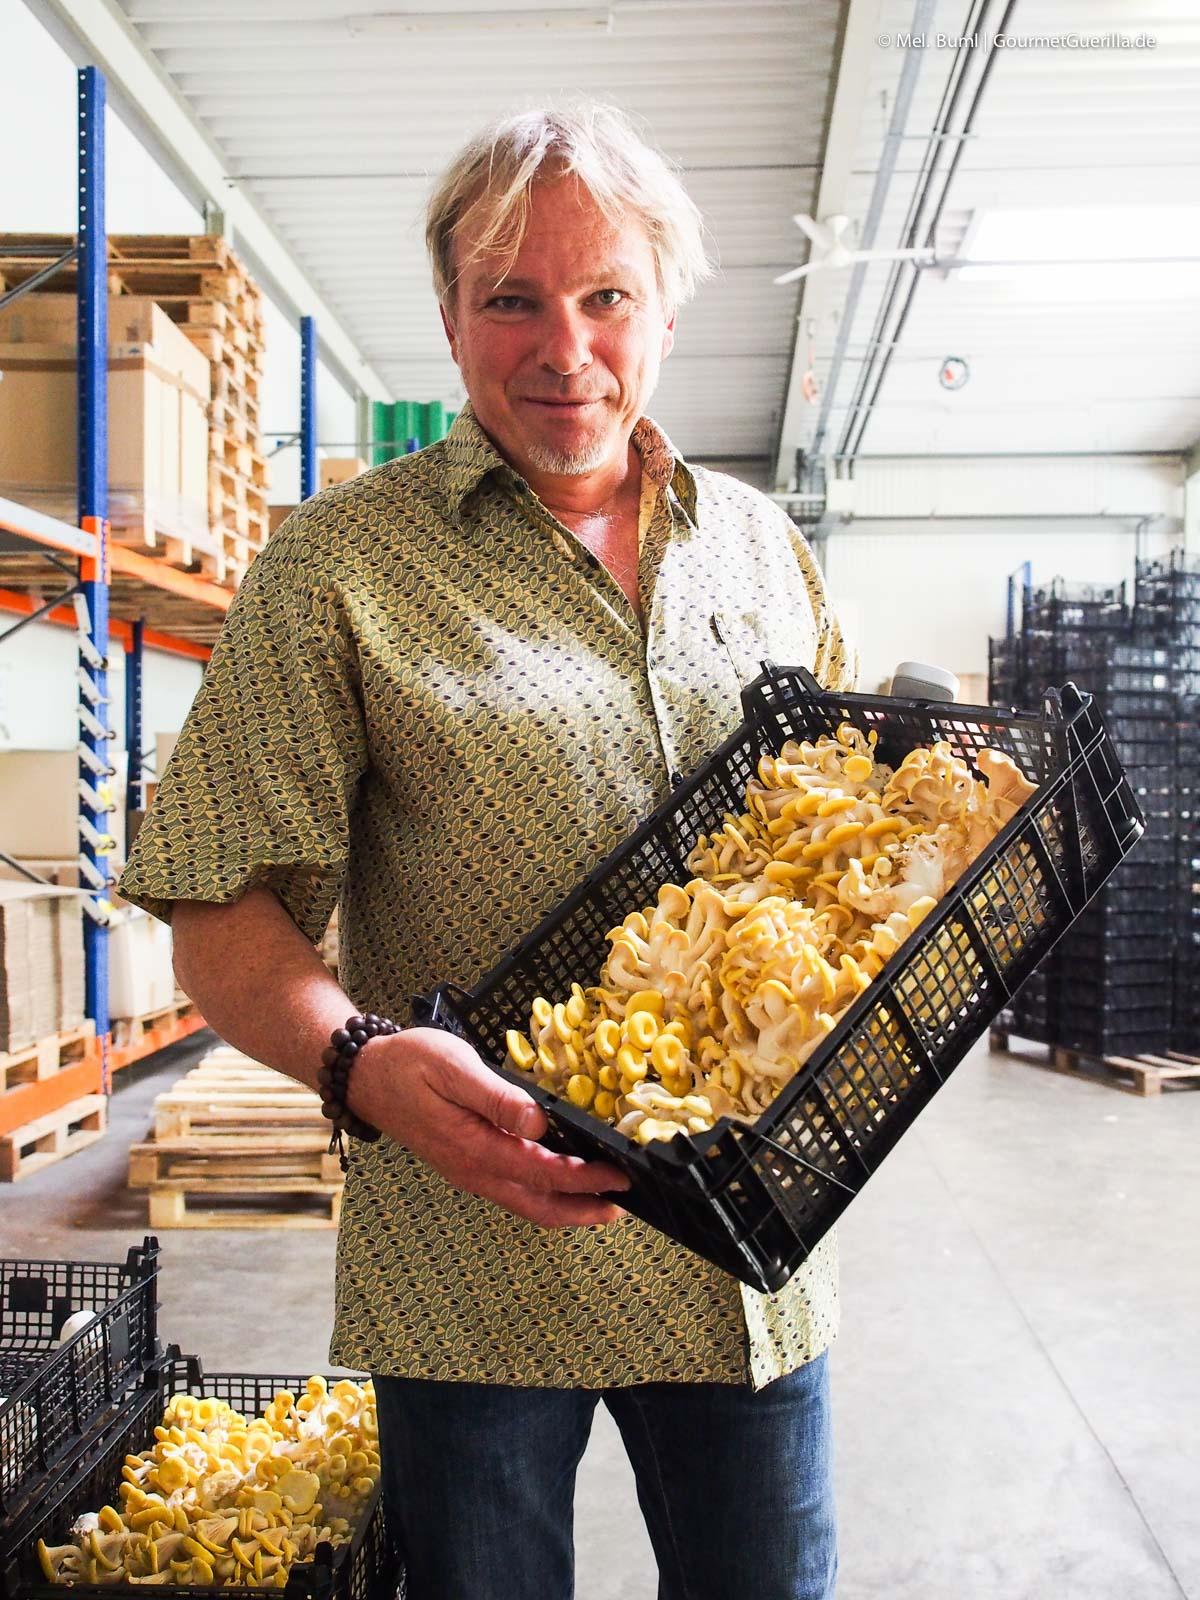 Torsten Jonas Pilzgarten Helvesiek Demeter Edelpilze |GourmetGuerilla.de